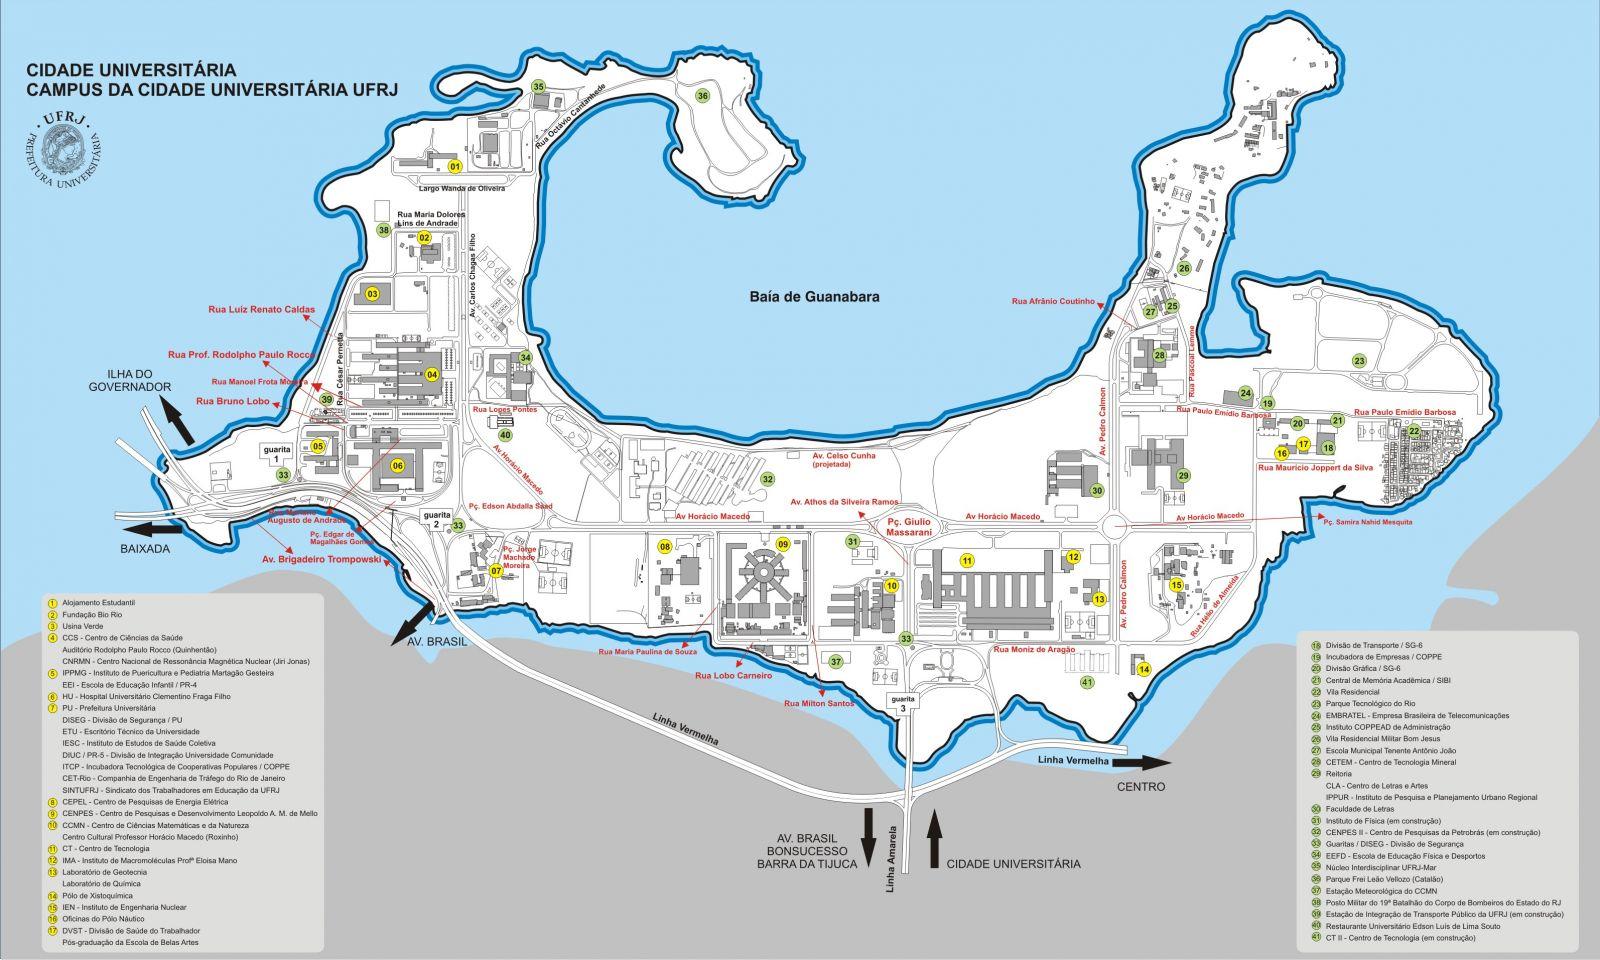 Mapa de la Ciudad Universitaria de Río de Janeiro